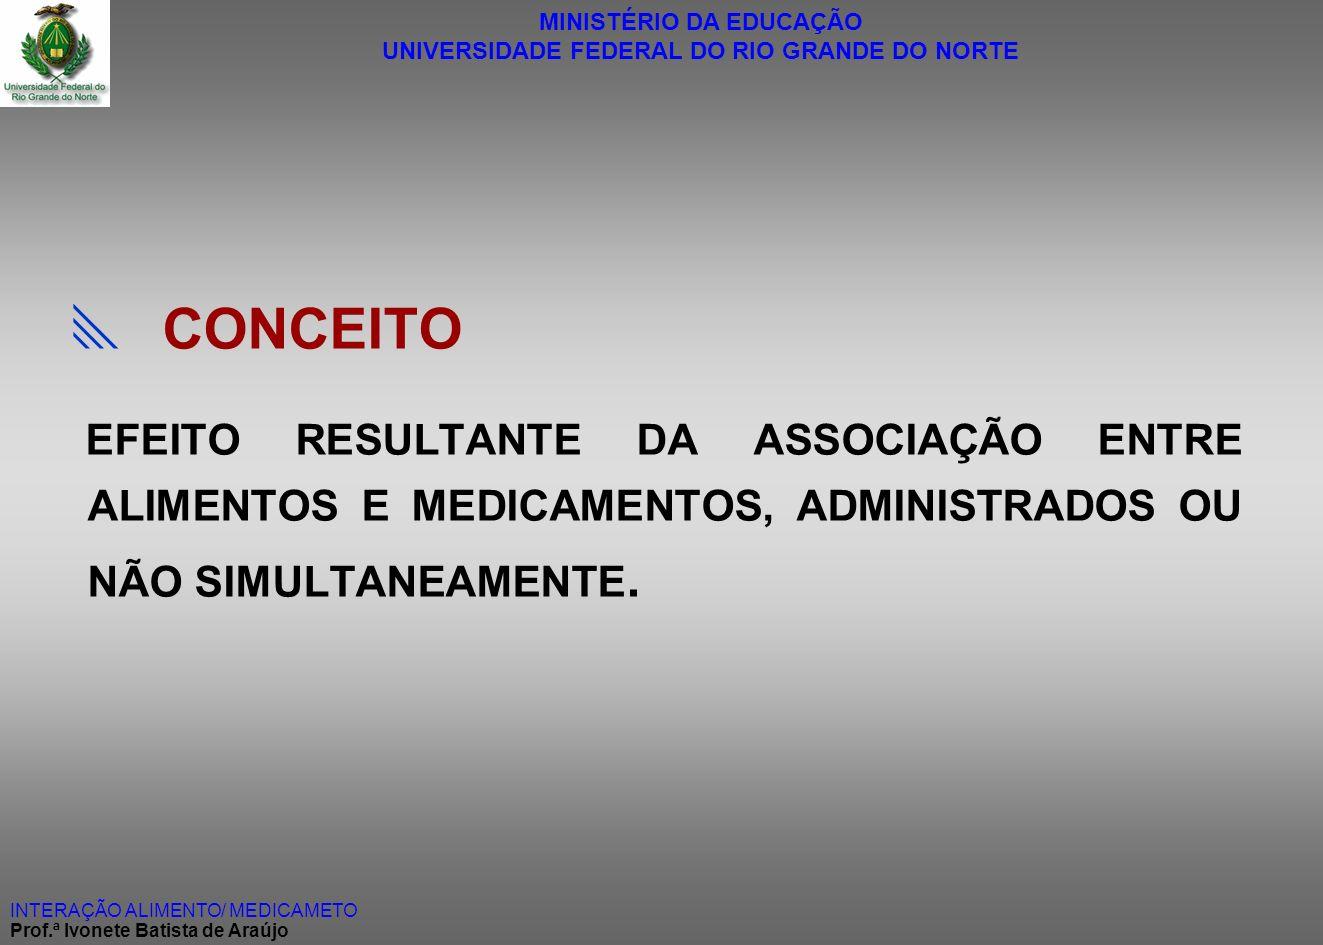 MINISTÉRIO DA EDUCAÇÃO UNIVERSIDADE FEDERAL DO RIO GRANDE DO NORTE INTERAÇÃO ALIMENTO/ MEDICAMETO Prof.ª Ivonete Batista de Araújo CONCEITO EFEITO RES